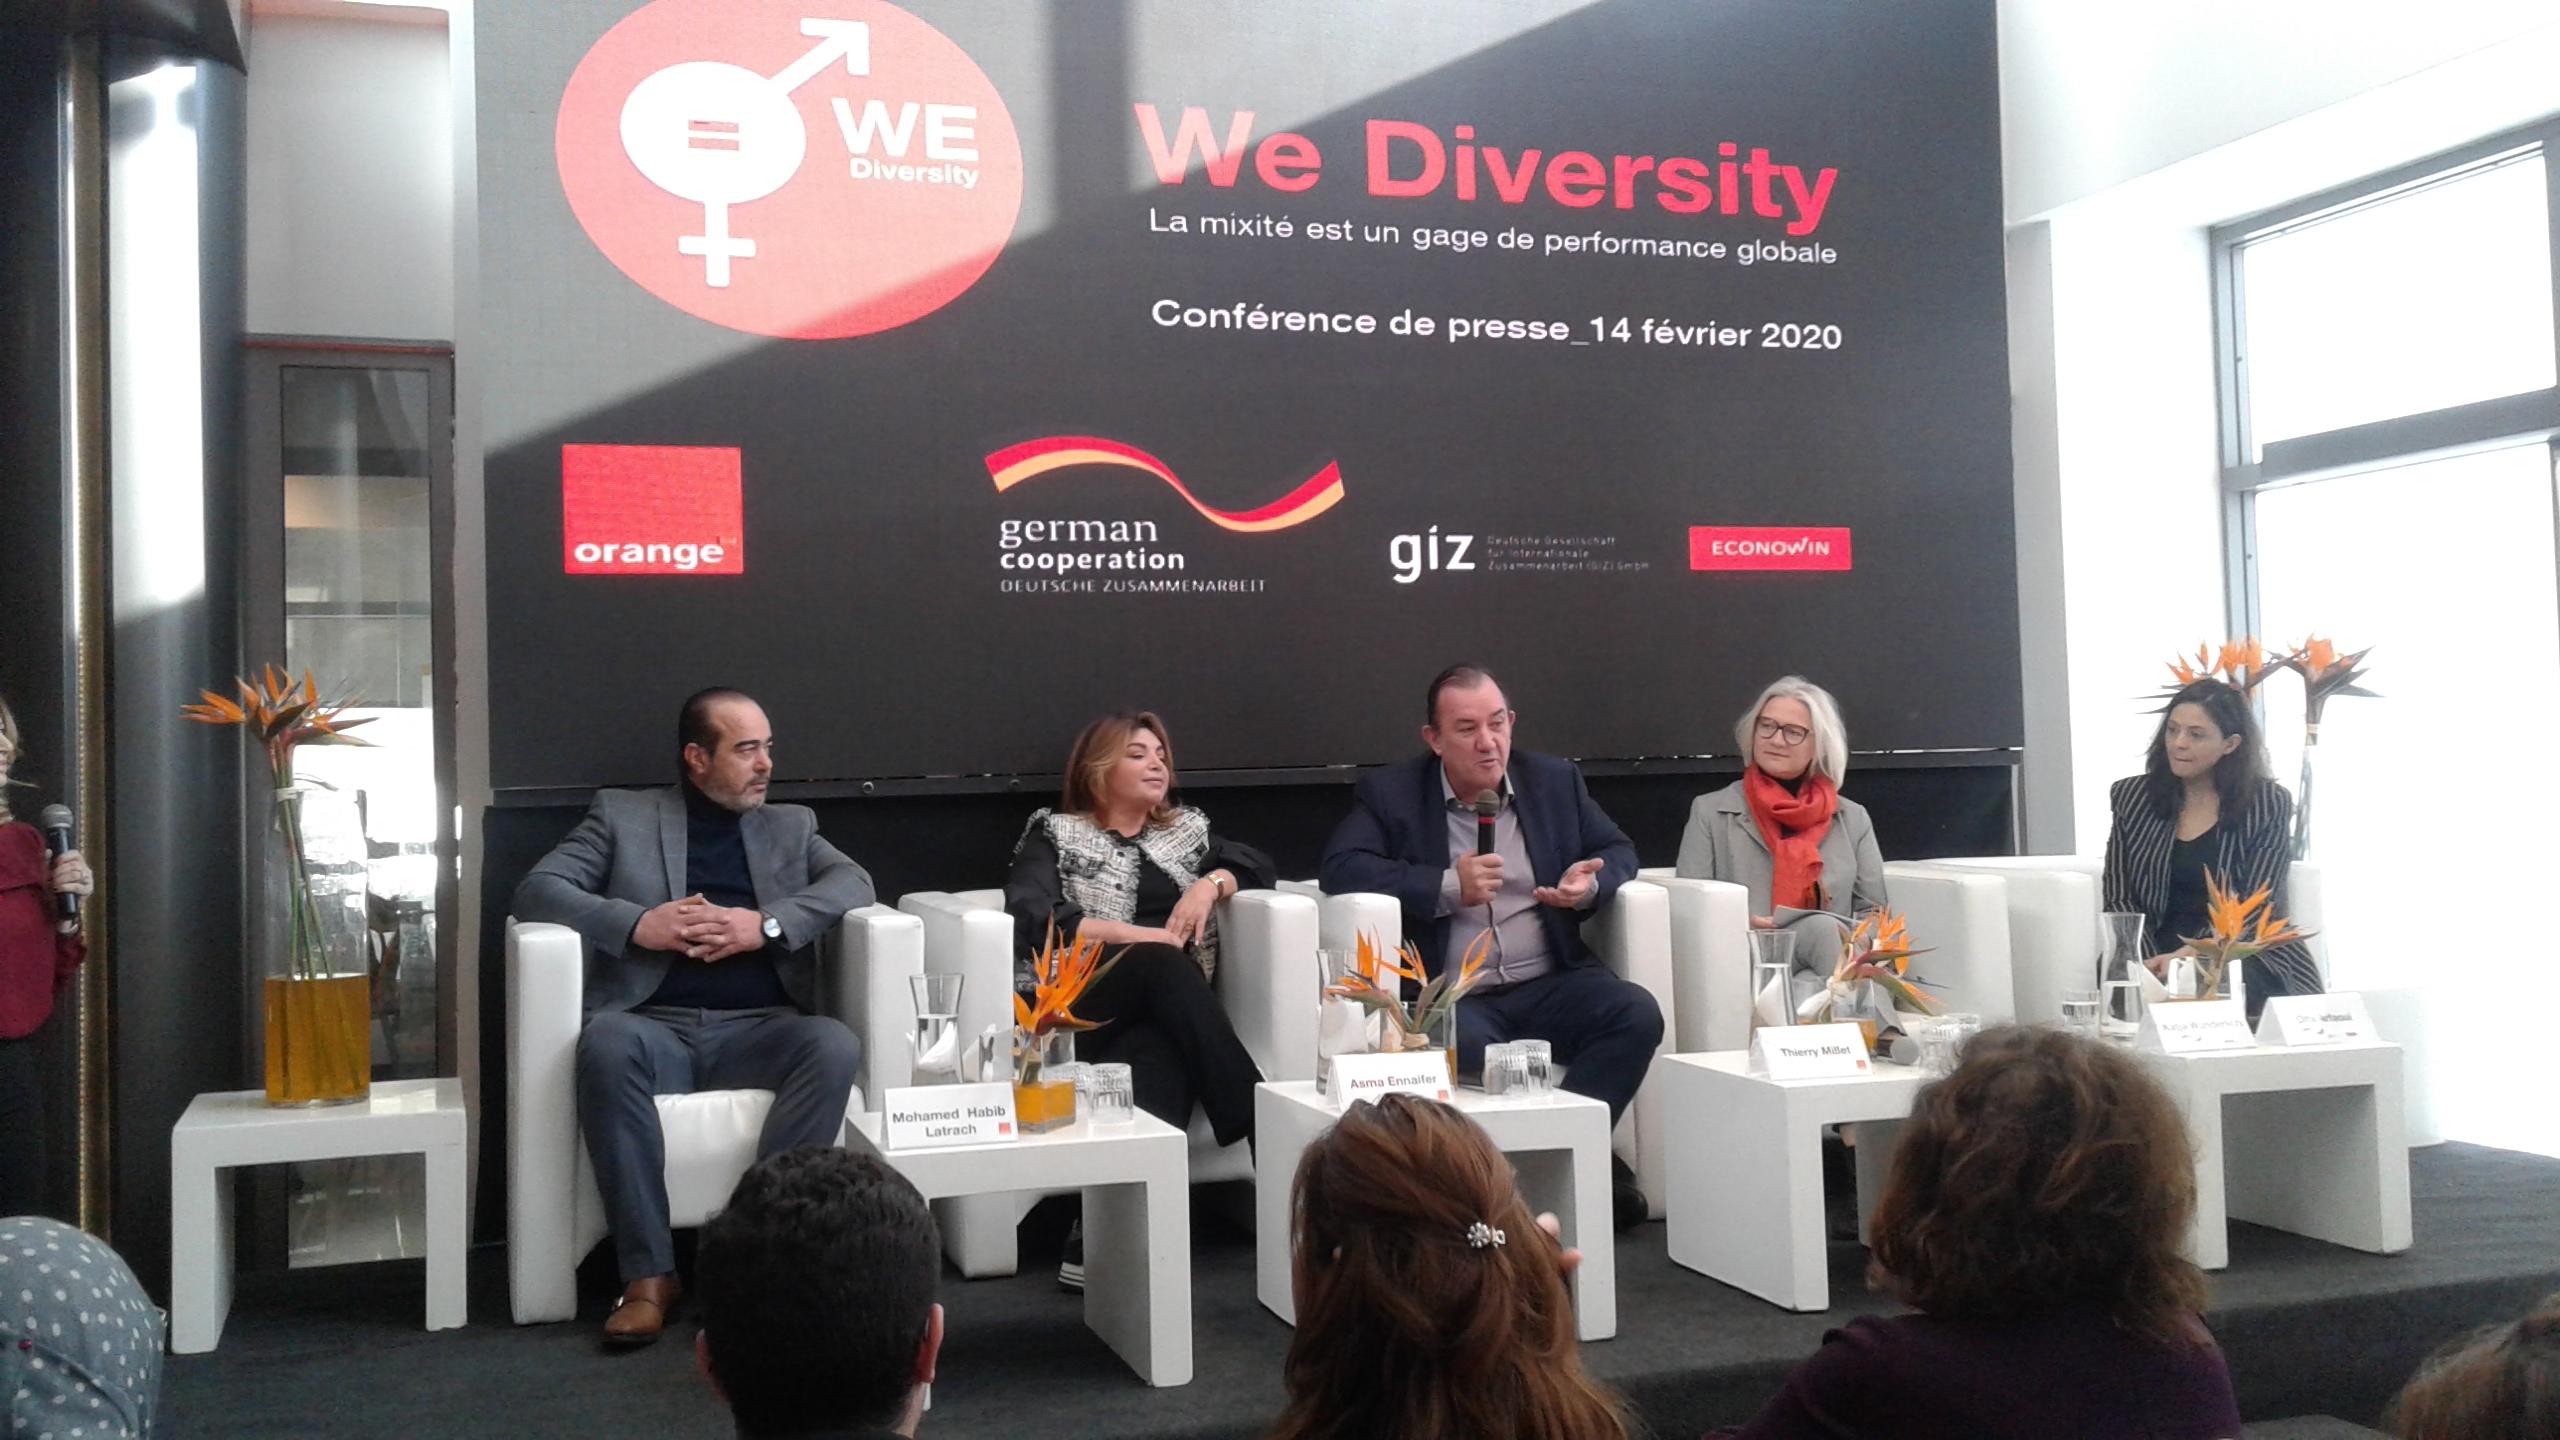 بالتعاون مع الوكالة الألمانية للتعاون الدولي: أورونج تونس تعرض نتائج برنامج We Divesity